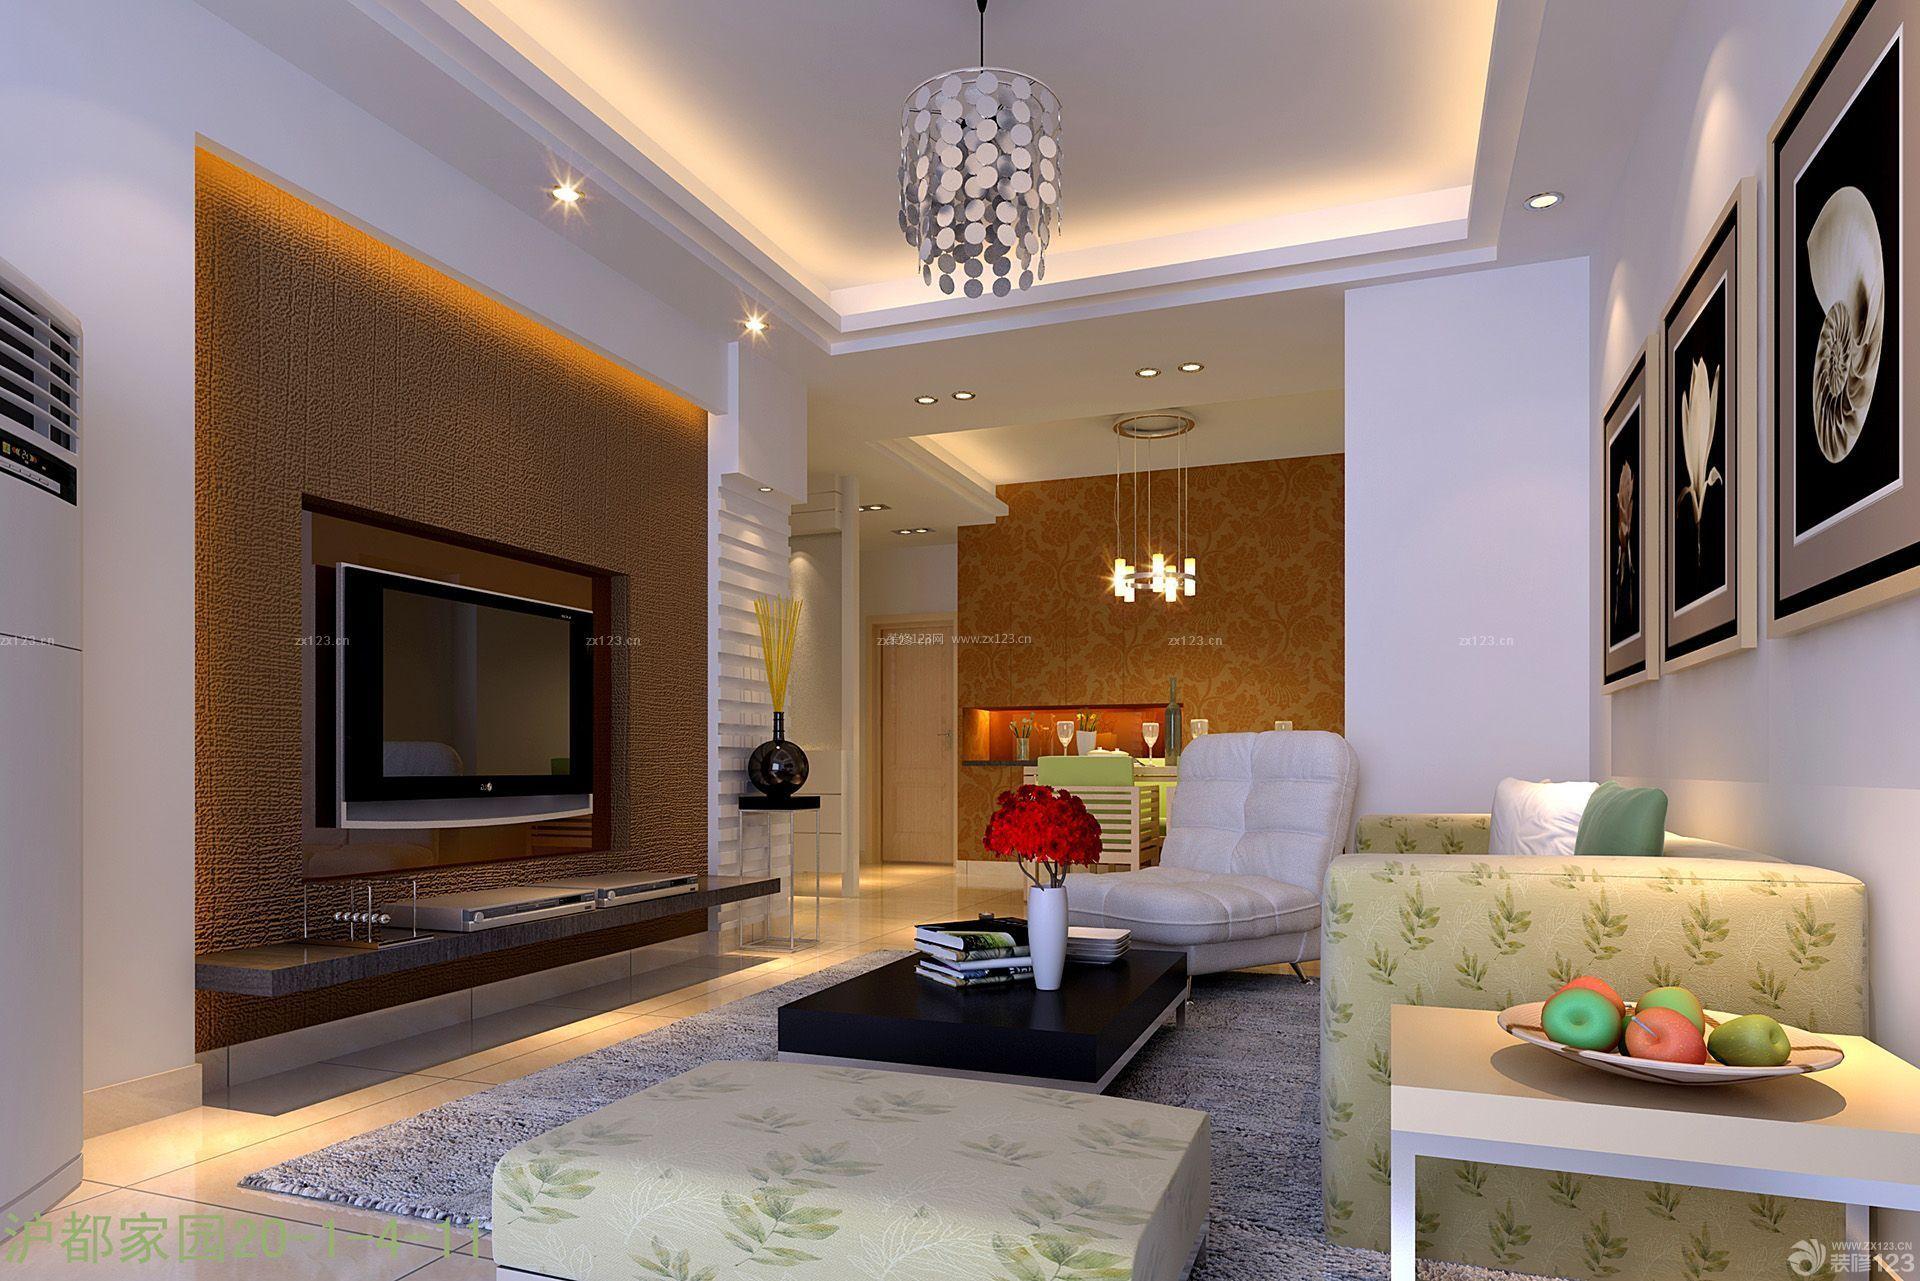 简欧风格80平米小户型两室一厅电视背景墙装修效果图